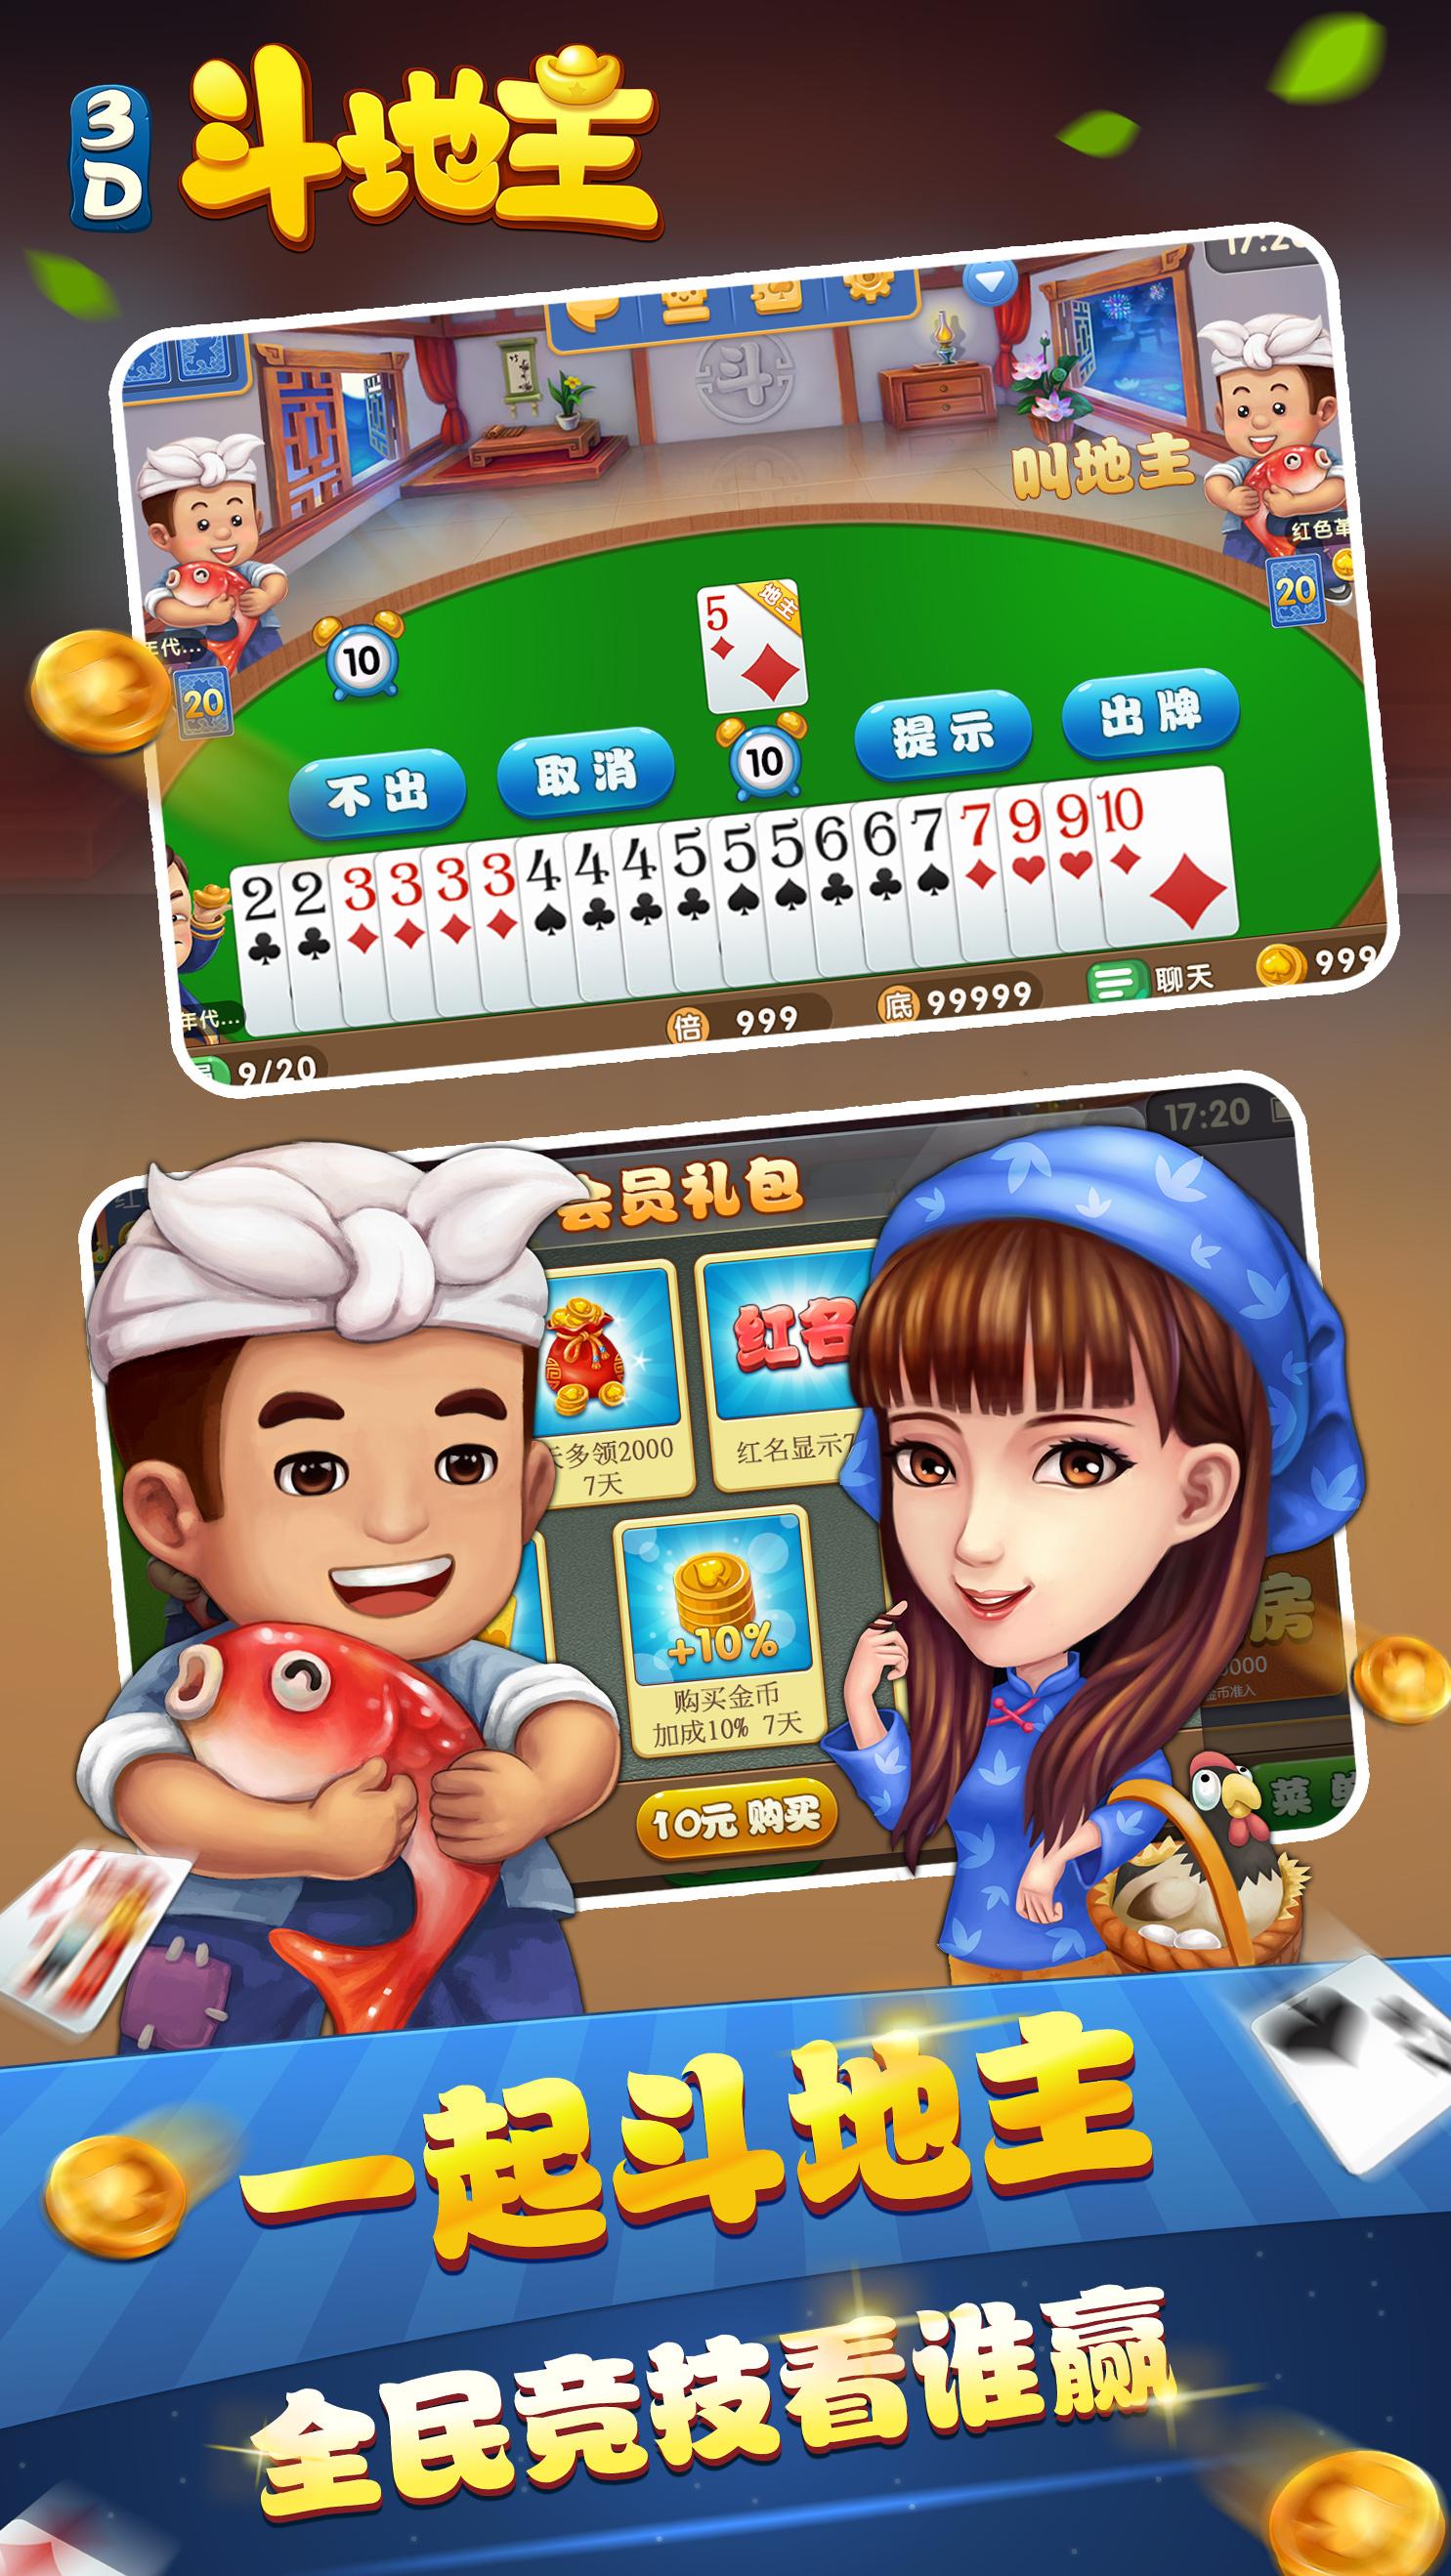 单人小游戏,单人小游戏大全,4399单人小游戏,4399小游戏小游戏,4399小游戏,小游戏大全,双人小游戏大全 - www.4399.co.